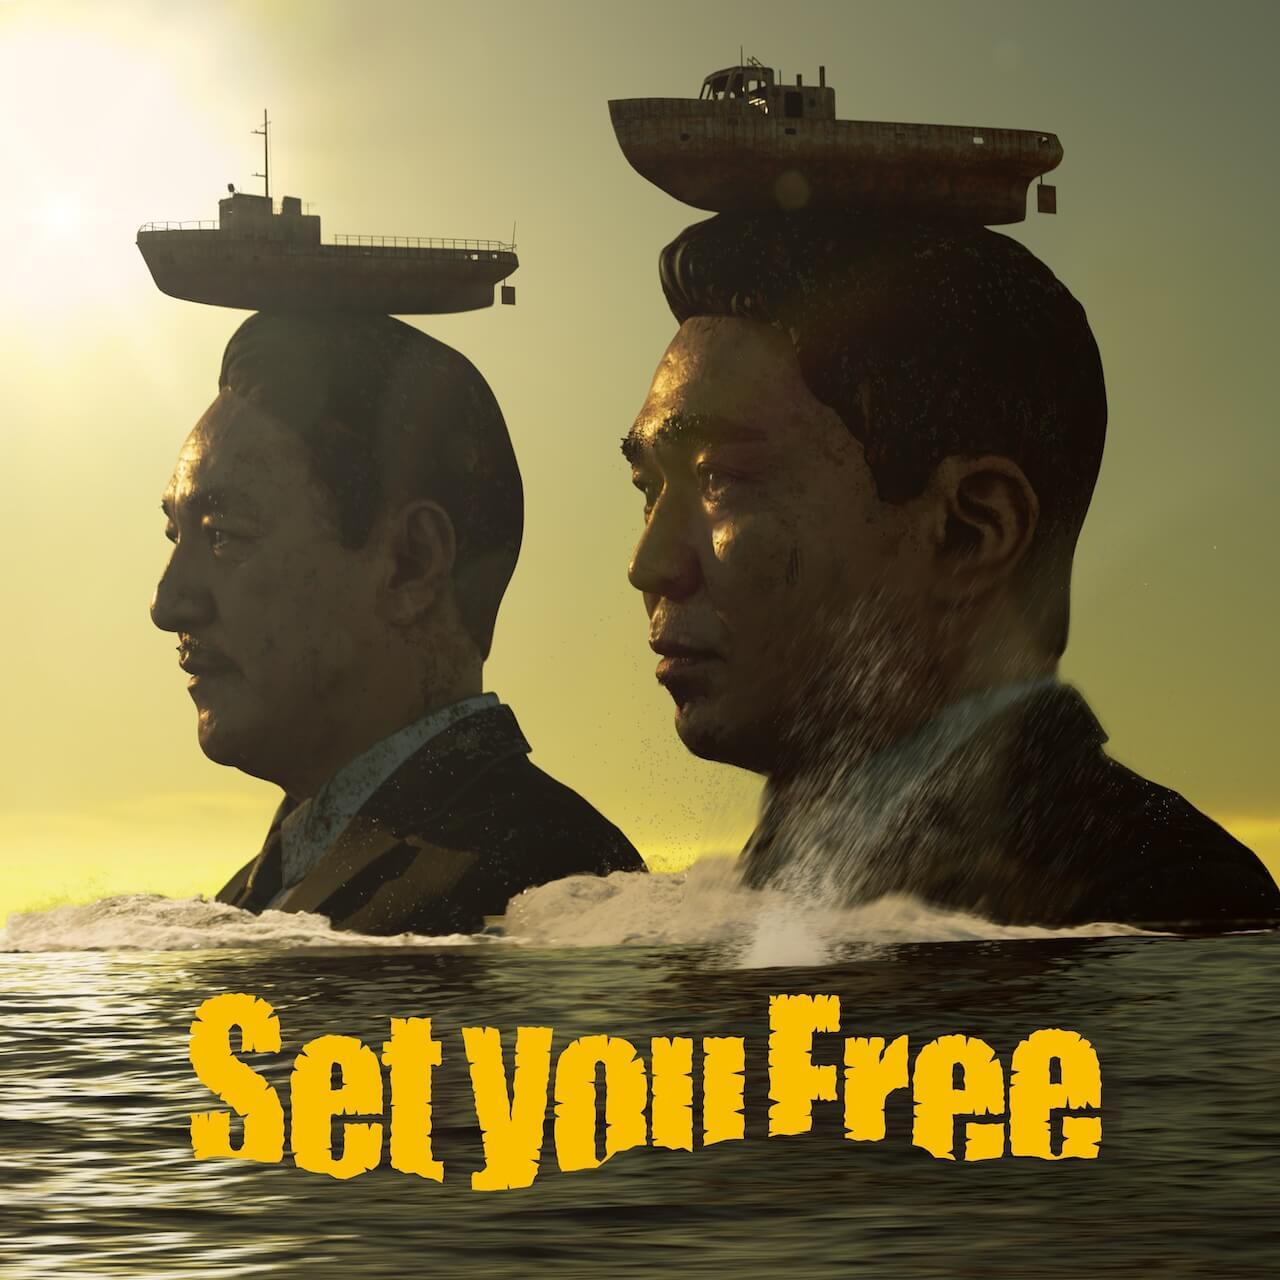 電気グルーヴ、2年半振りのシングル「Set you Free」配信開始 music200824-denkigroove